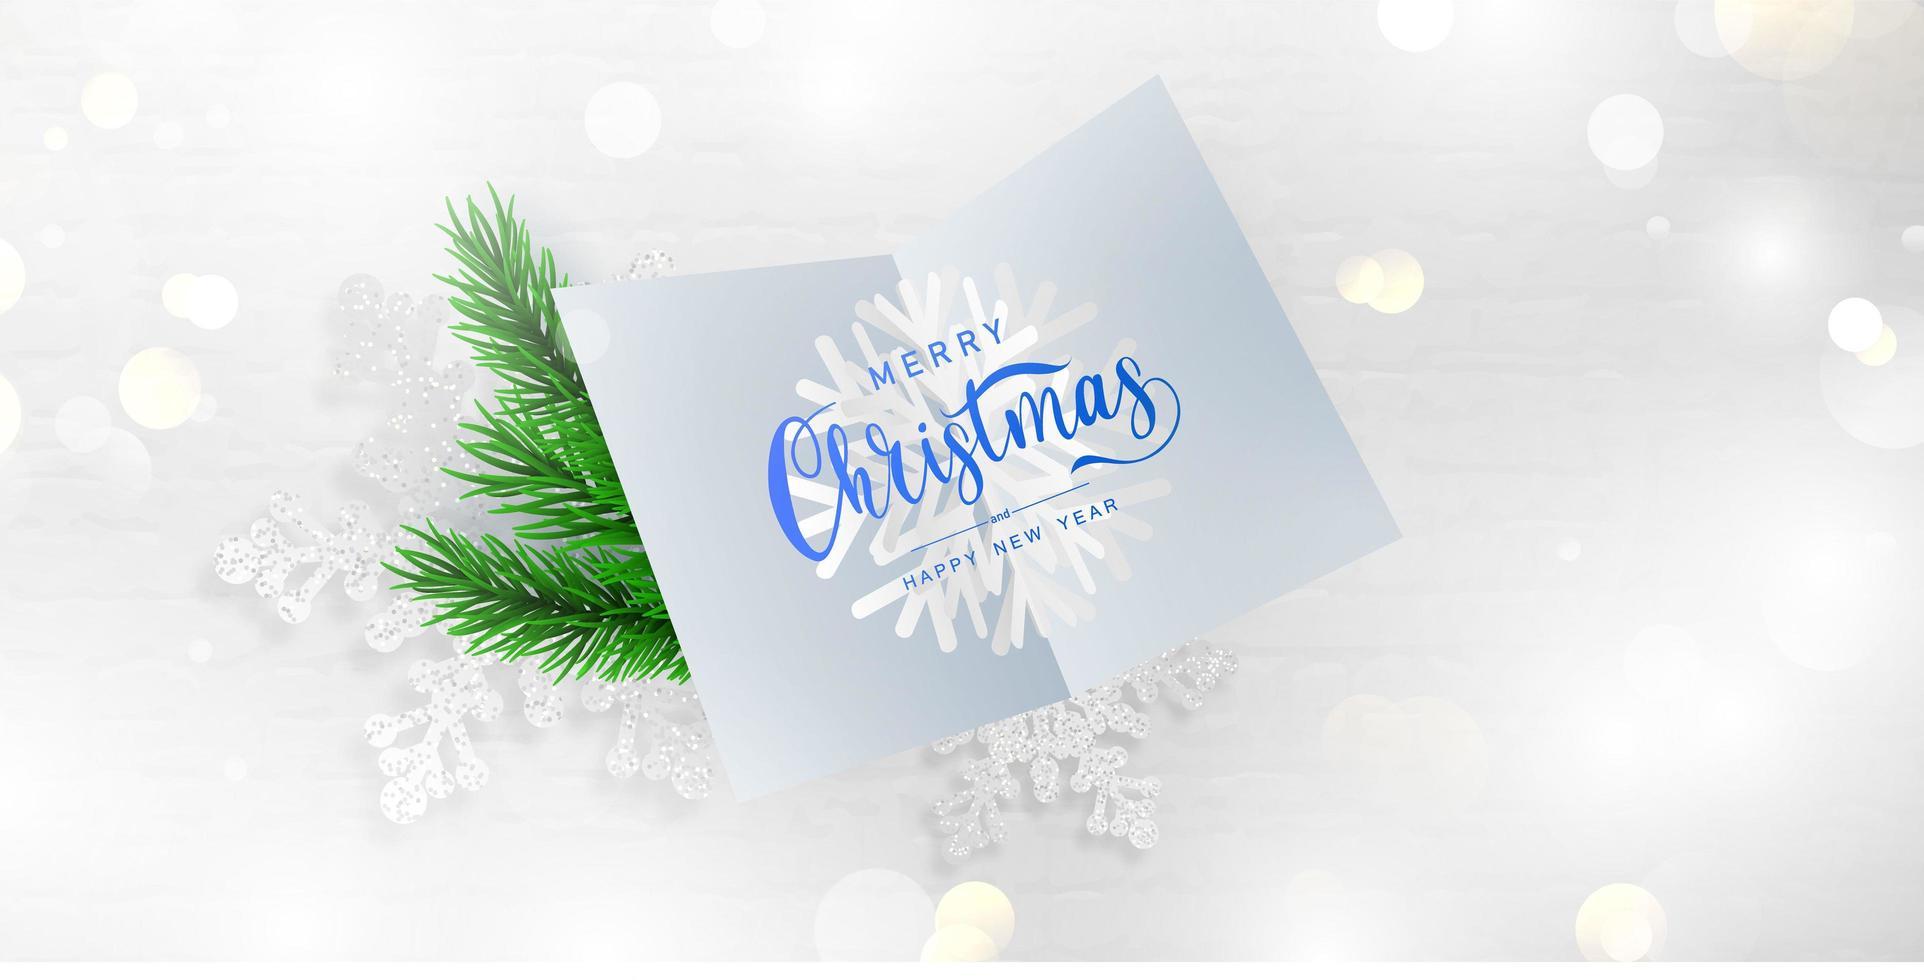 god jul och gott nytt år kort och grenar bakgrund. vektor